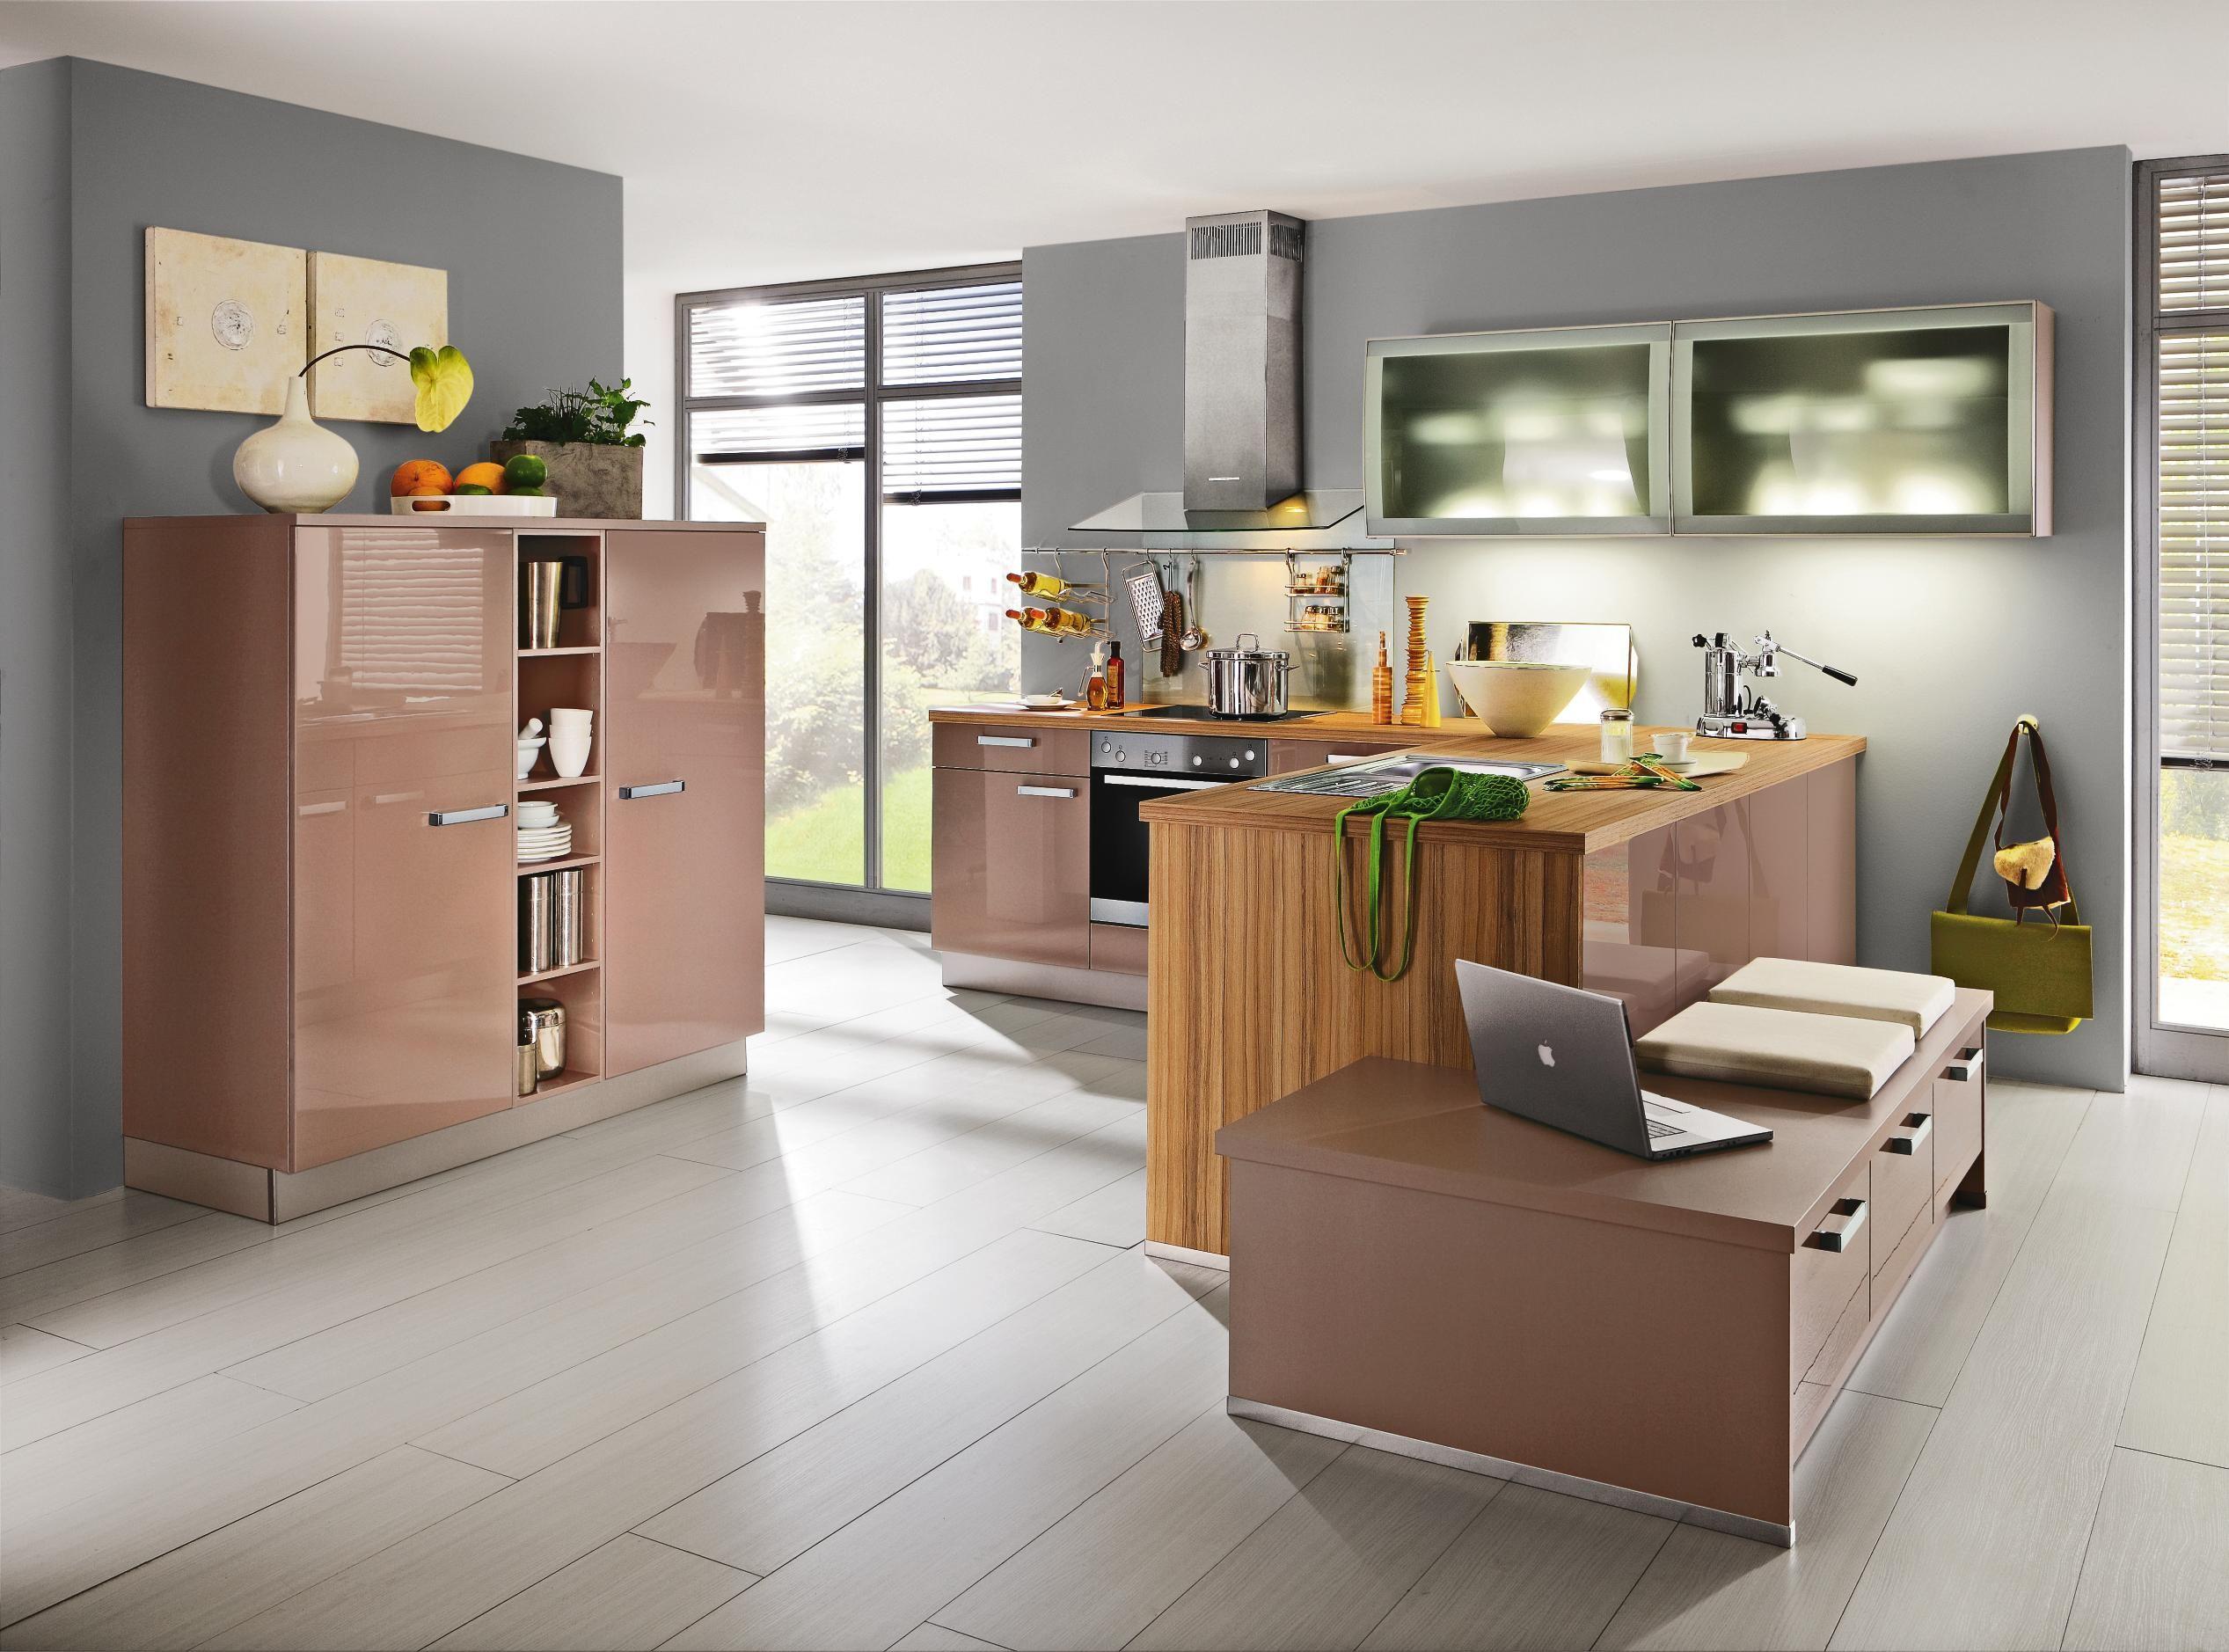 Einbauküche von DIETER KNOLL glänzende Elemente für ein